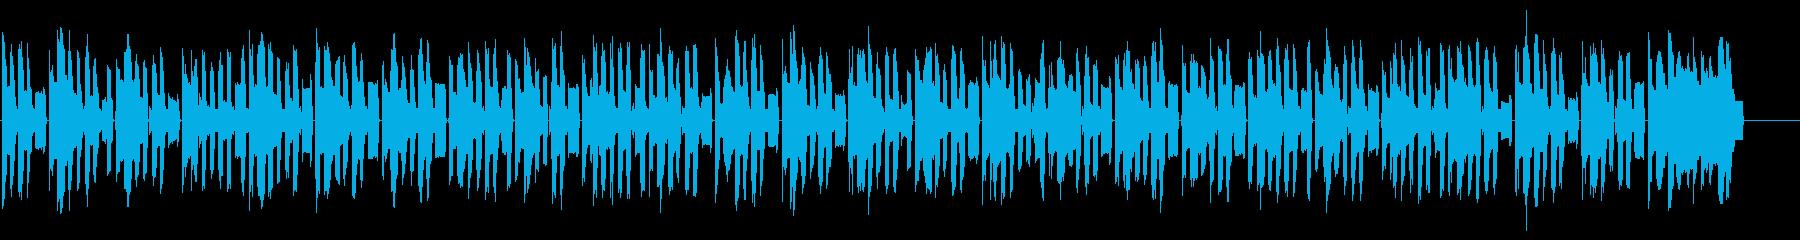 ファミコン調8bitのBGM 1の再生済みの波形